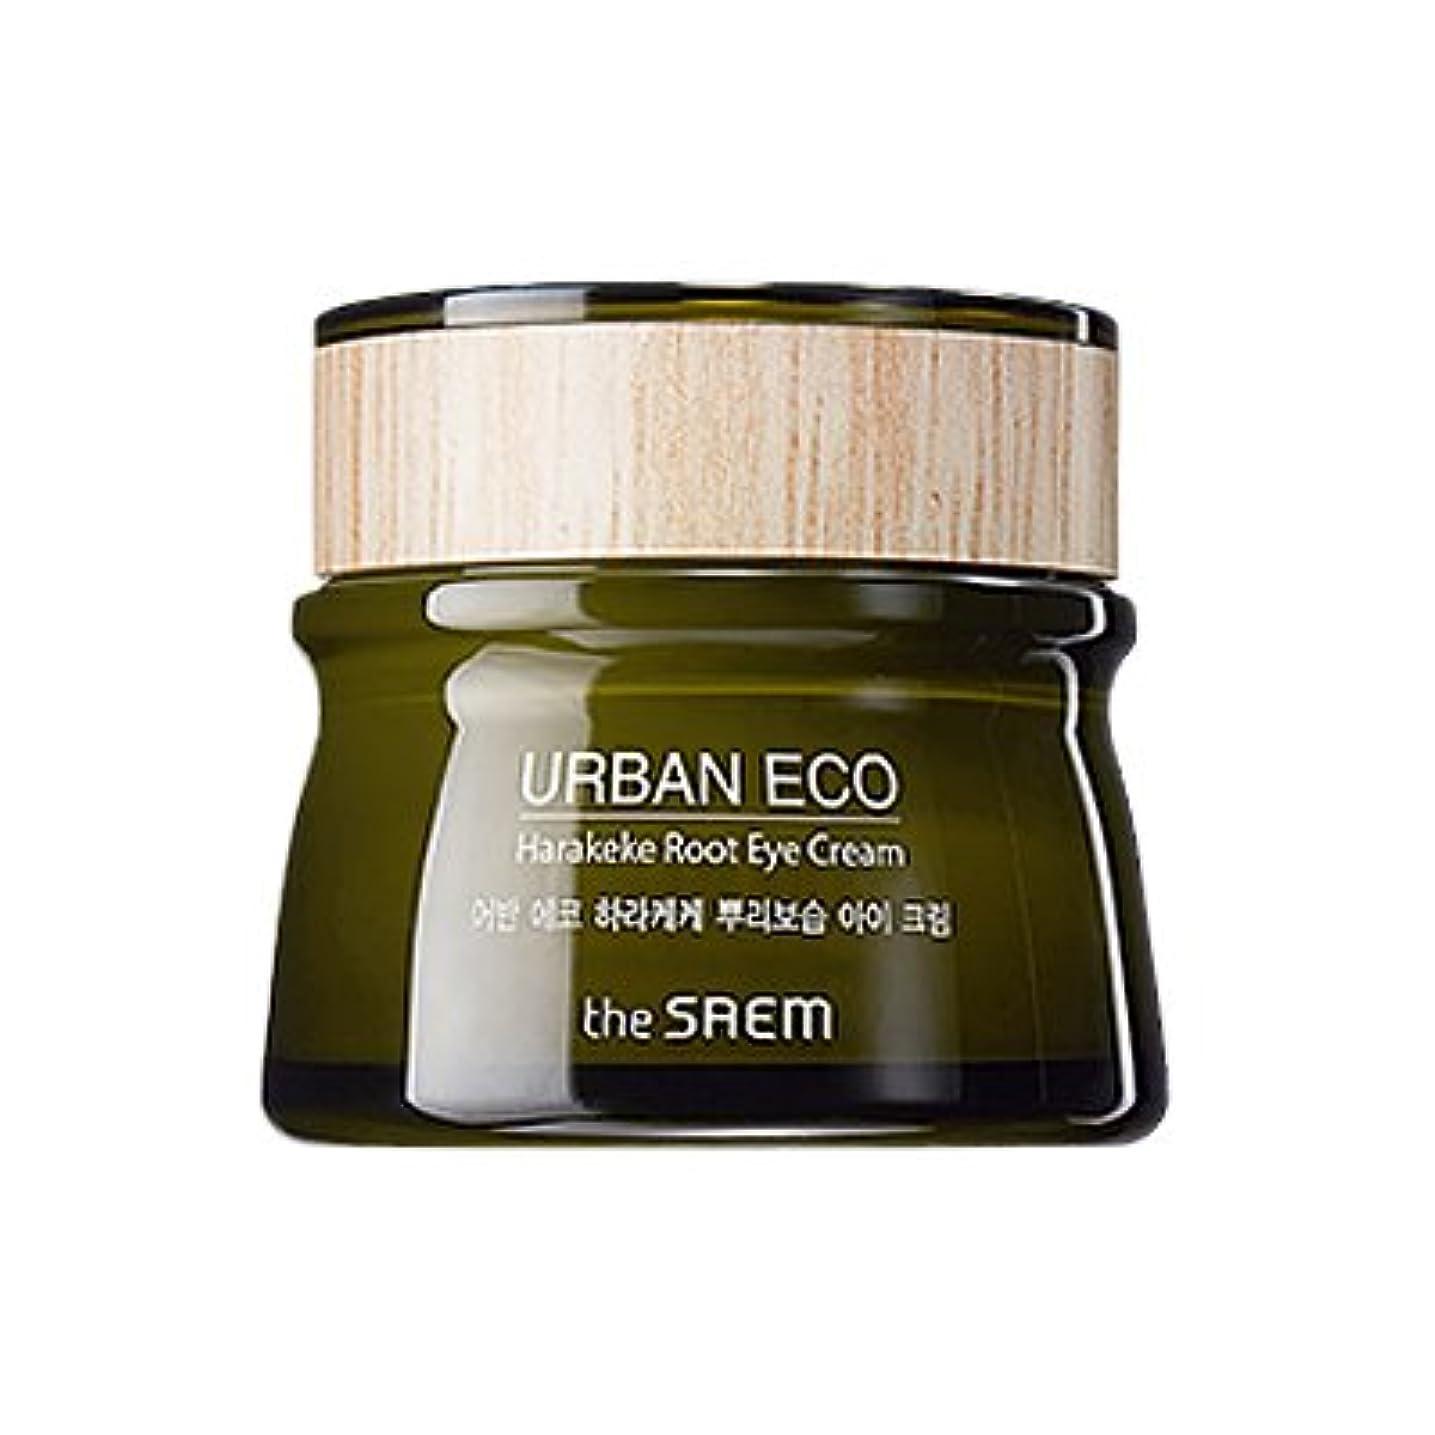 乱用精通した盗賊The SAEM Urban Eco Harakeke Root Eye Creamザセムアーバンエコハラケケ根保湿アイクリーム [並行輸入品]